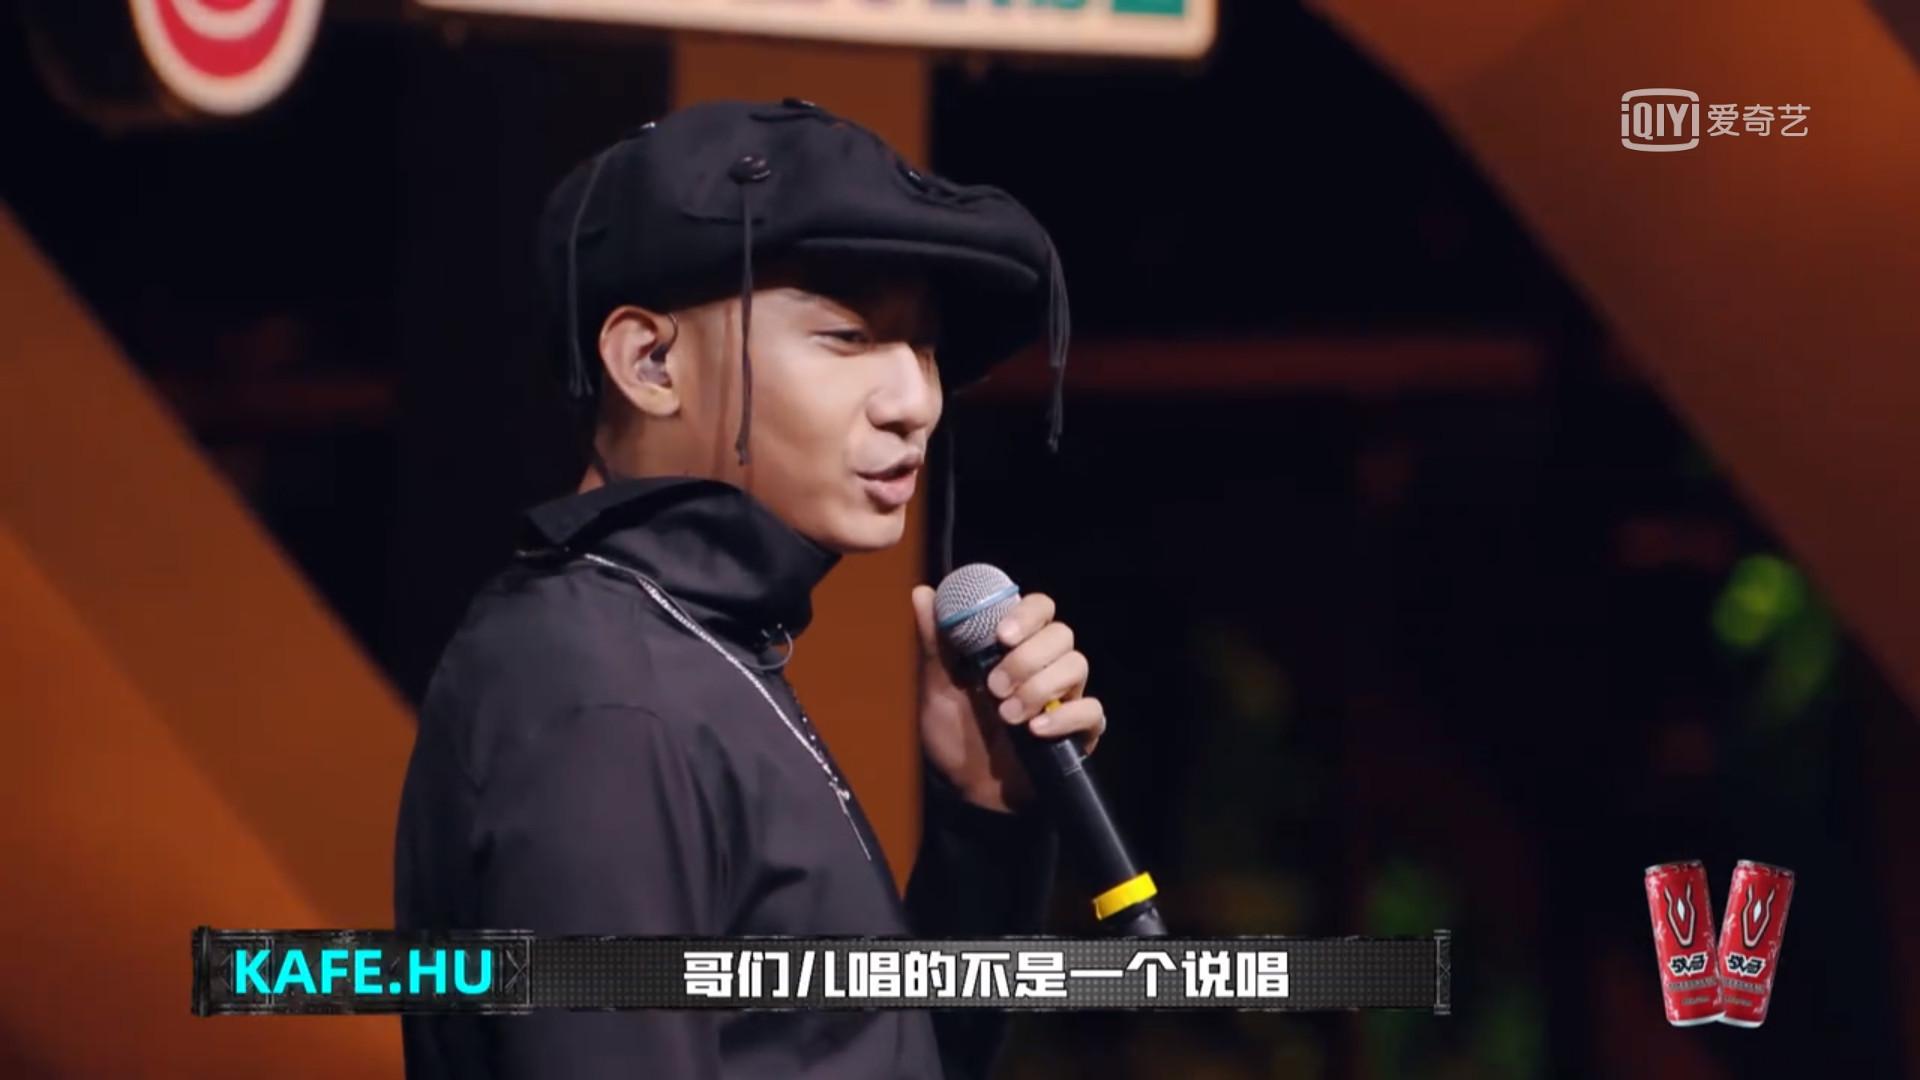 中国新说唱:Kafe.Hu《经济舱》除了刘聪的hook,还有这些彩蛋